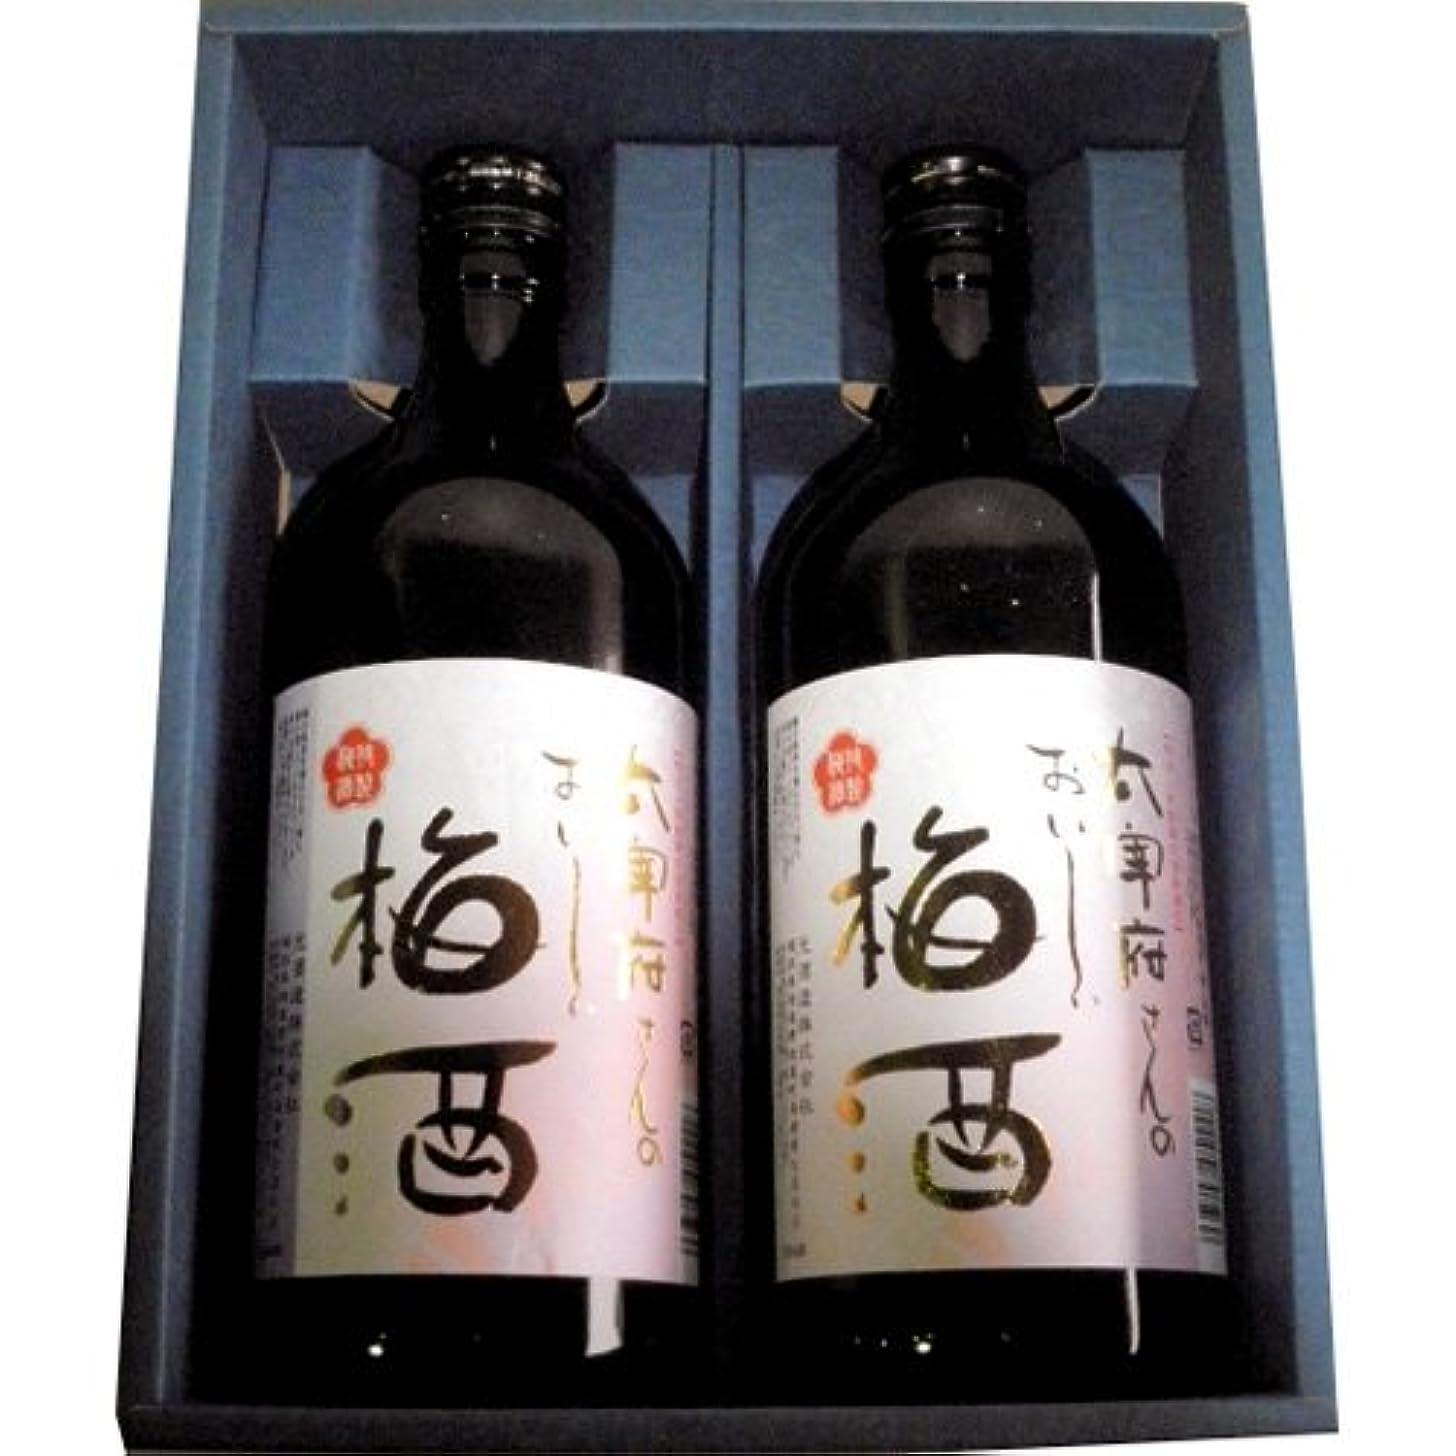 太宰府さんのおいしい梅酒 [ 1440ml ]